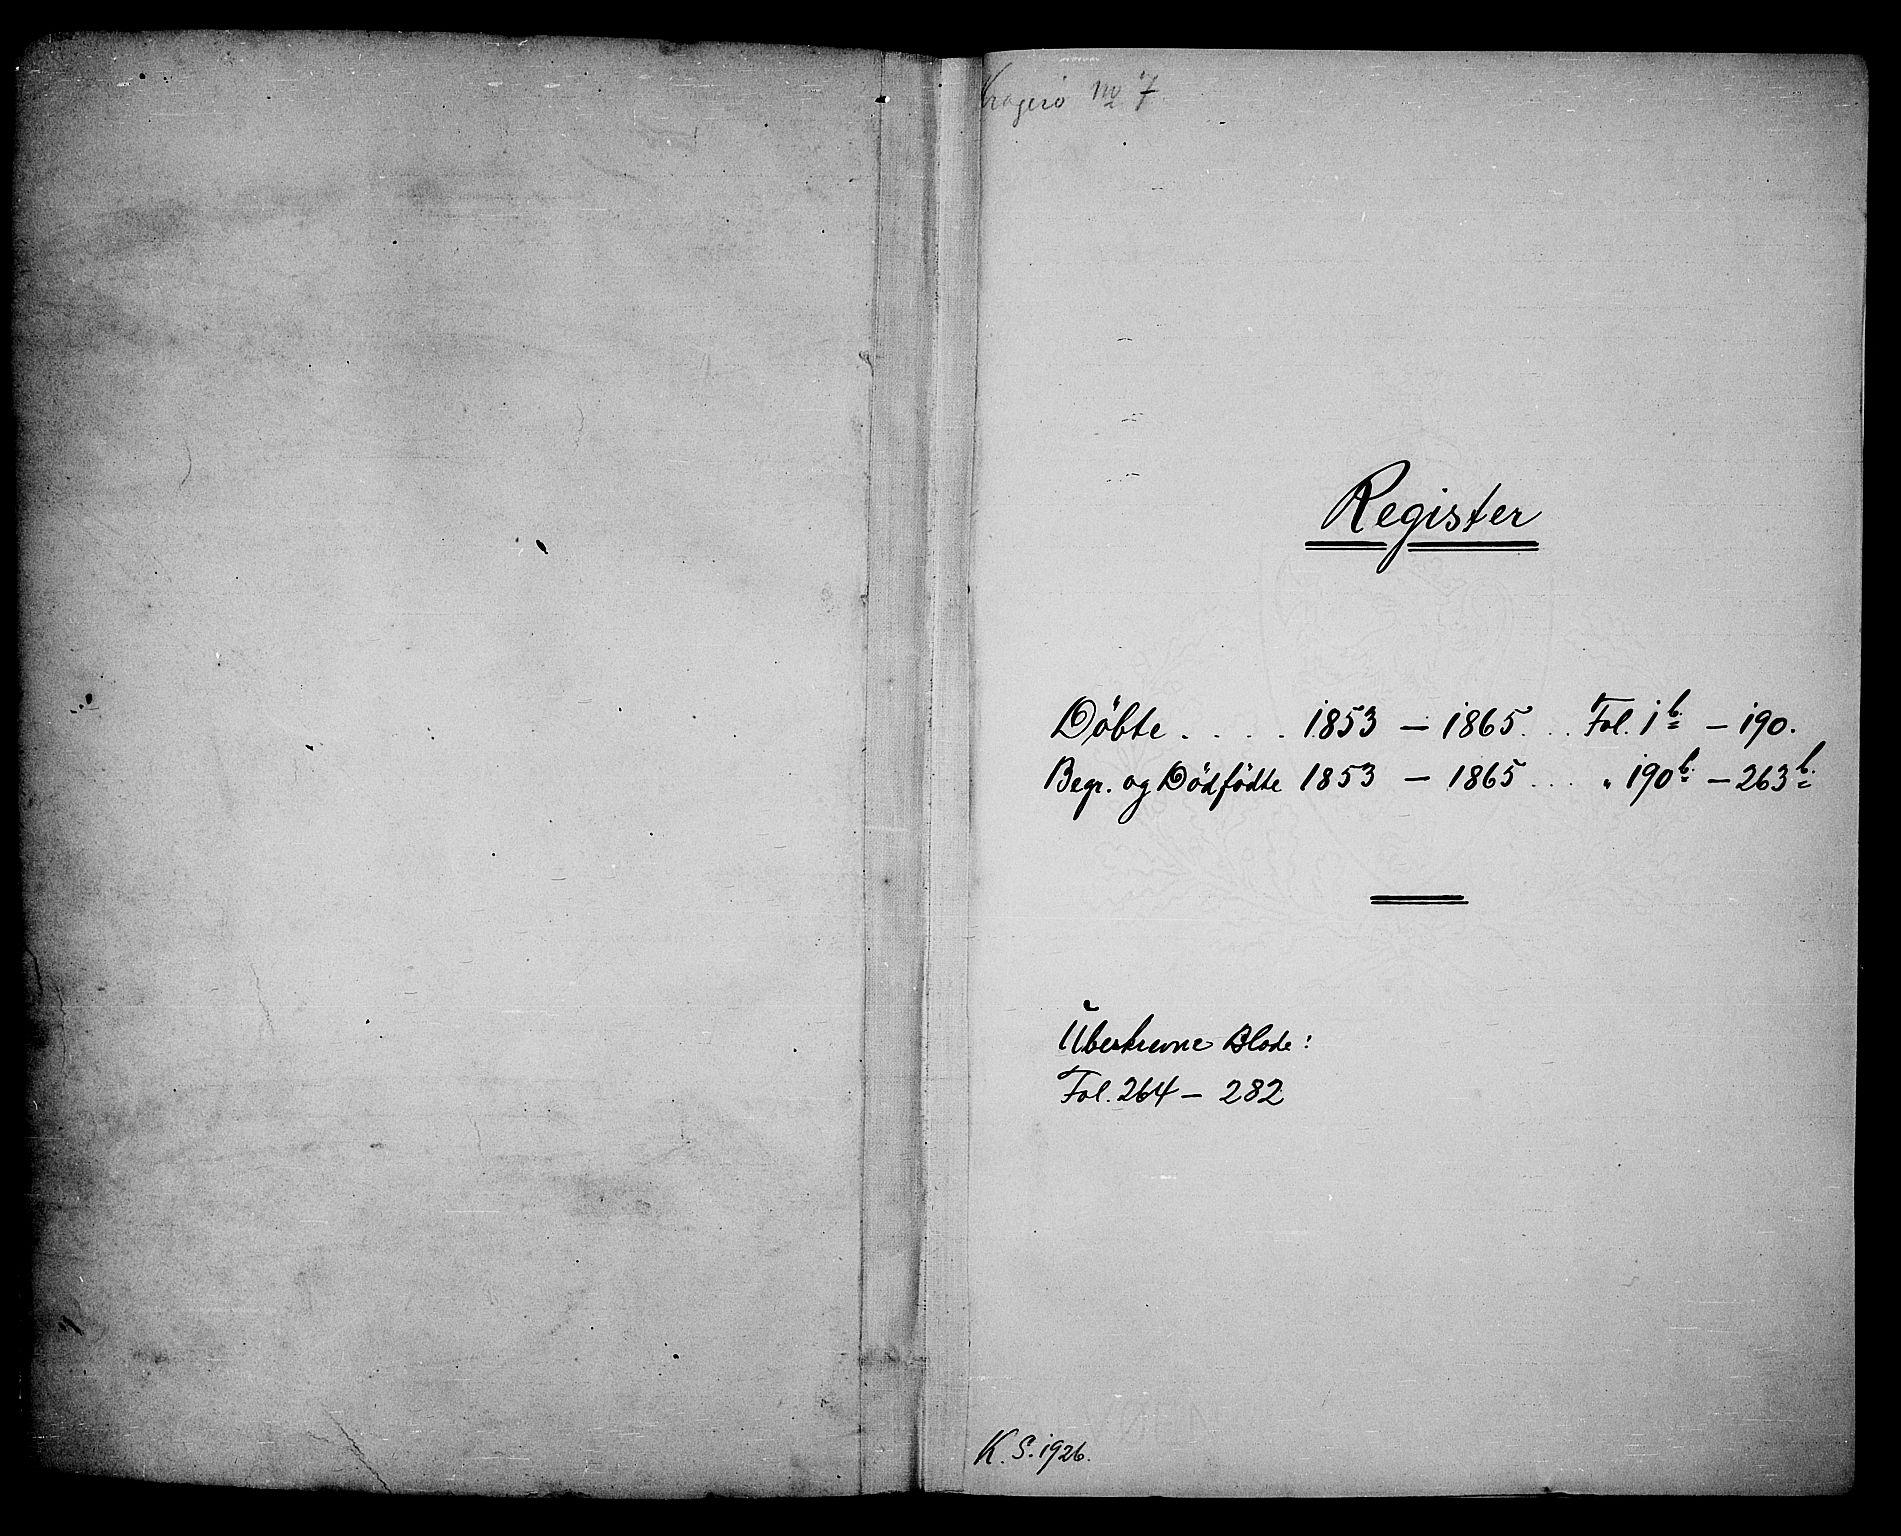 SAKO, Kragerø kirkebøker, G/Ga/L0004: Klokkerbok nr. 4, 1853-1865